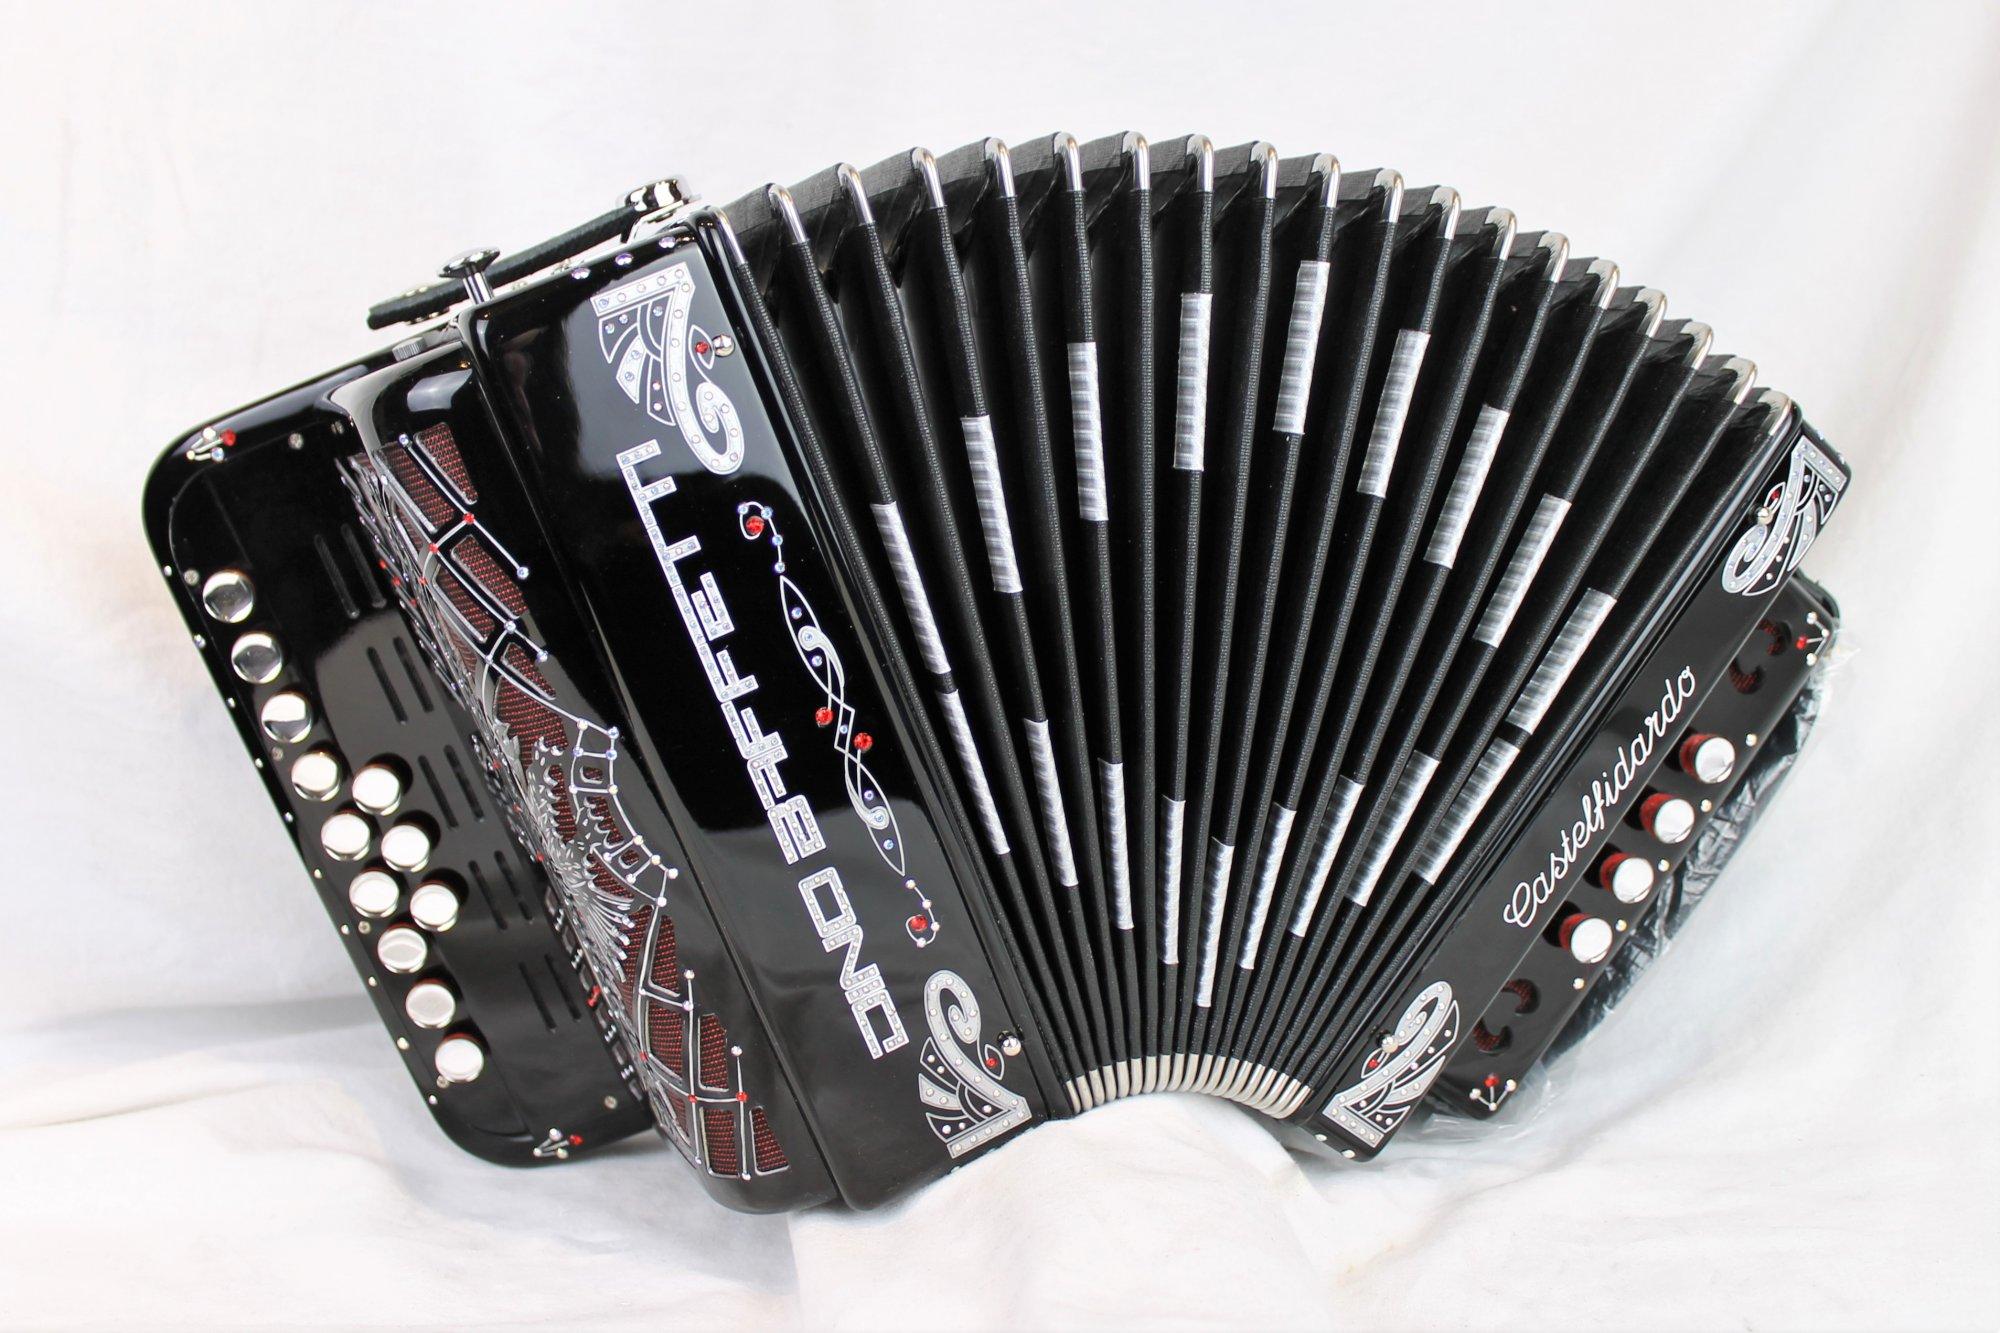 NEW Black Dino Baffetti Art. 41 Luxe Organetto Diatonic Button Accordion C LMM 12 4